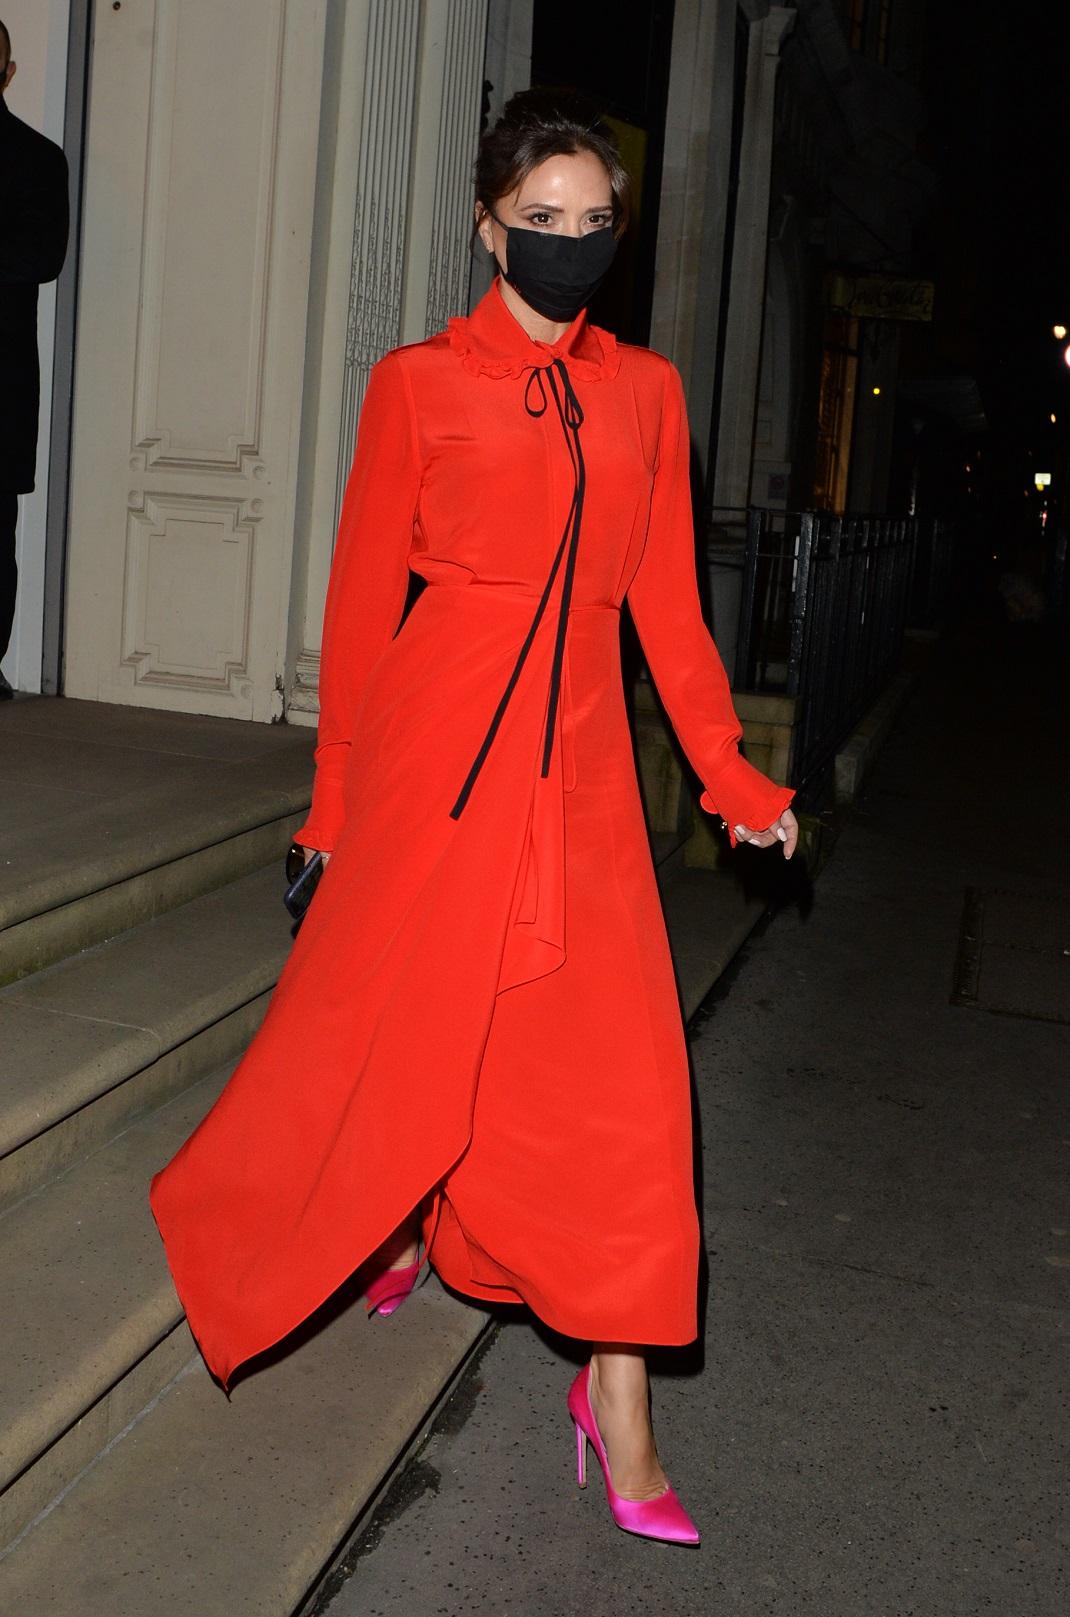 Η Βικτόρια Μπέκαμ με κόκκινο φόρεμα και ροζ γόβες